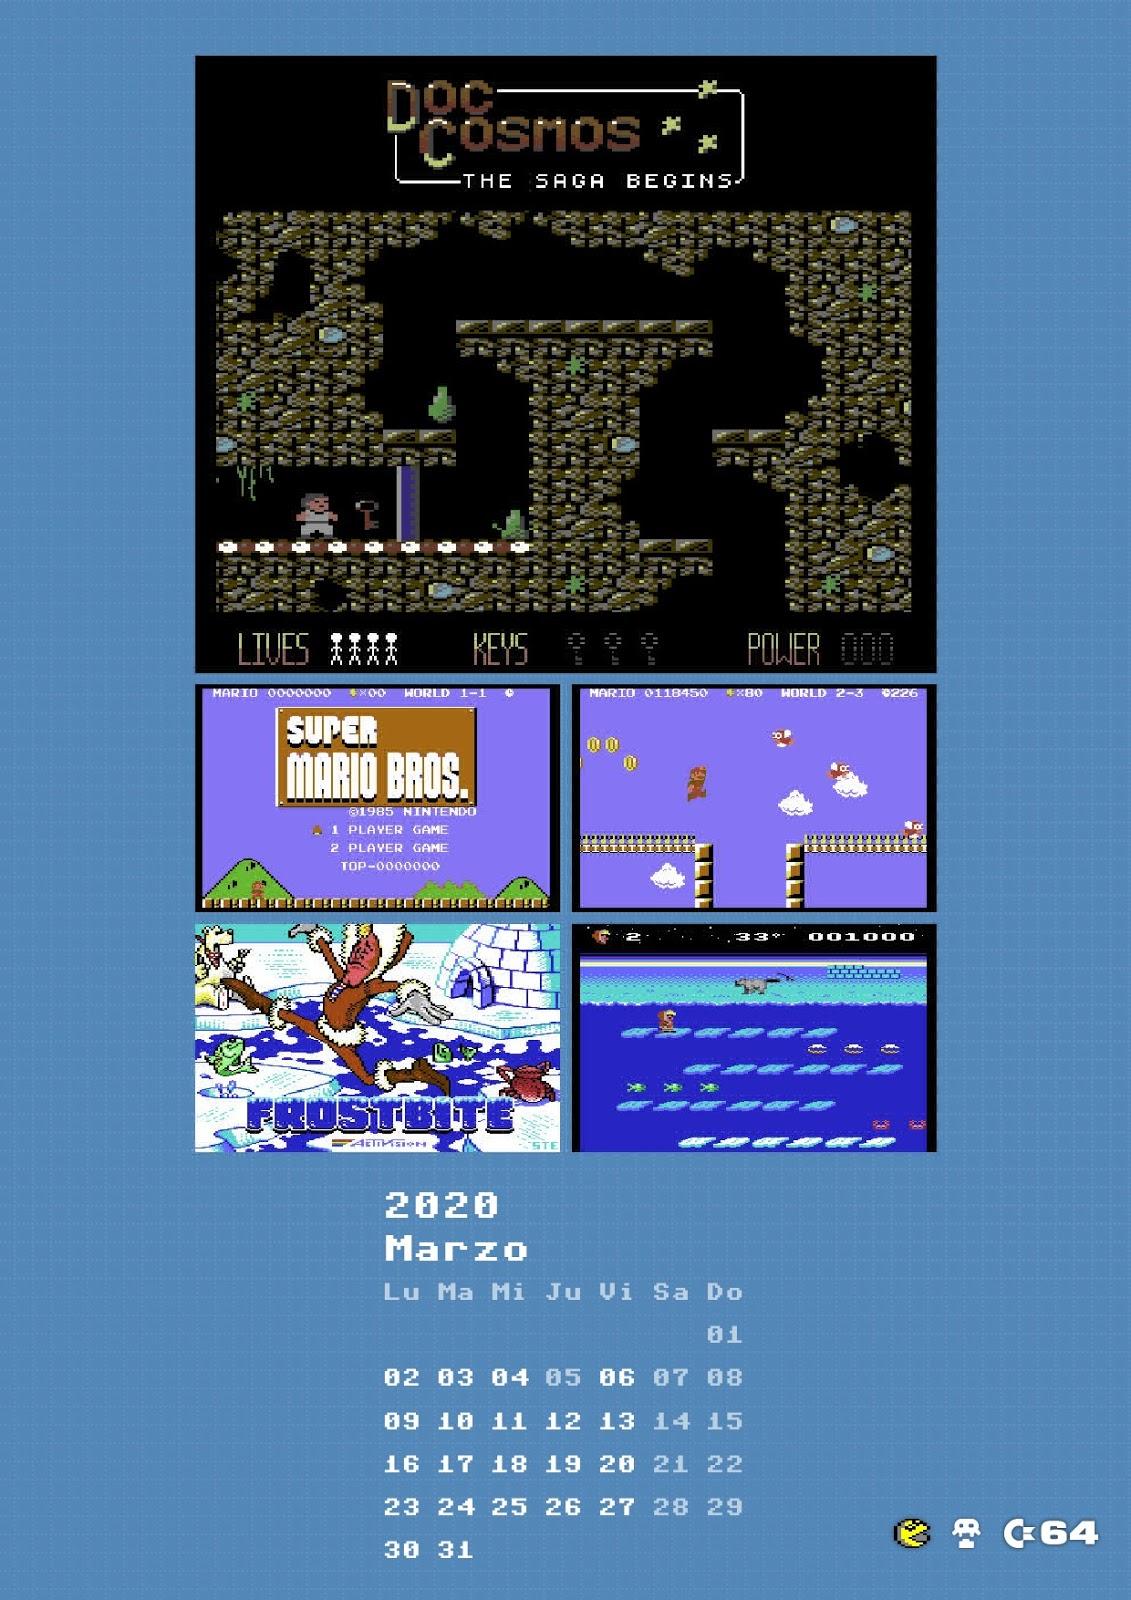 Retroinvaders/Commodore manía: Videojuegos de 2019